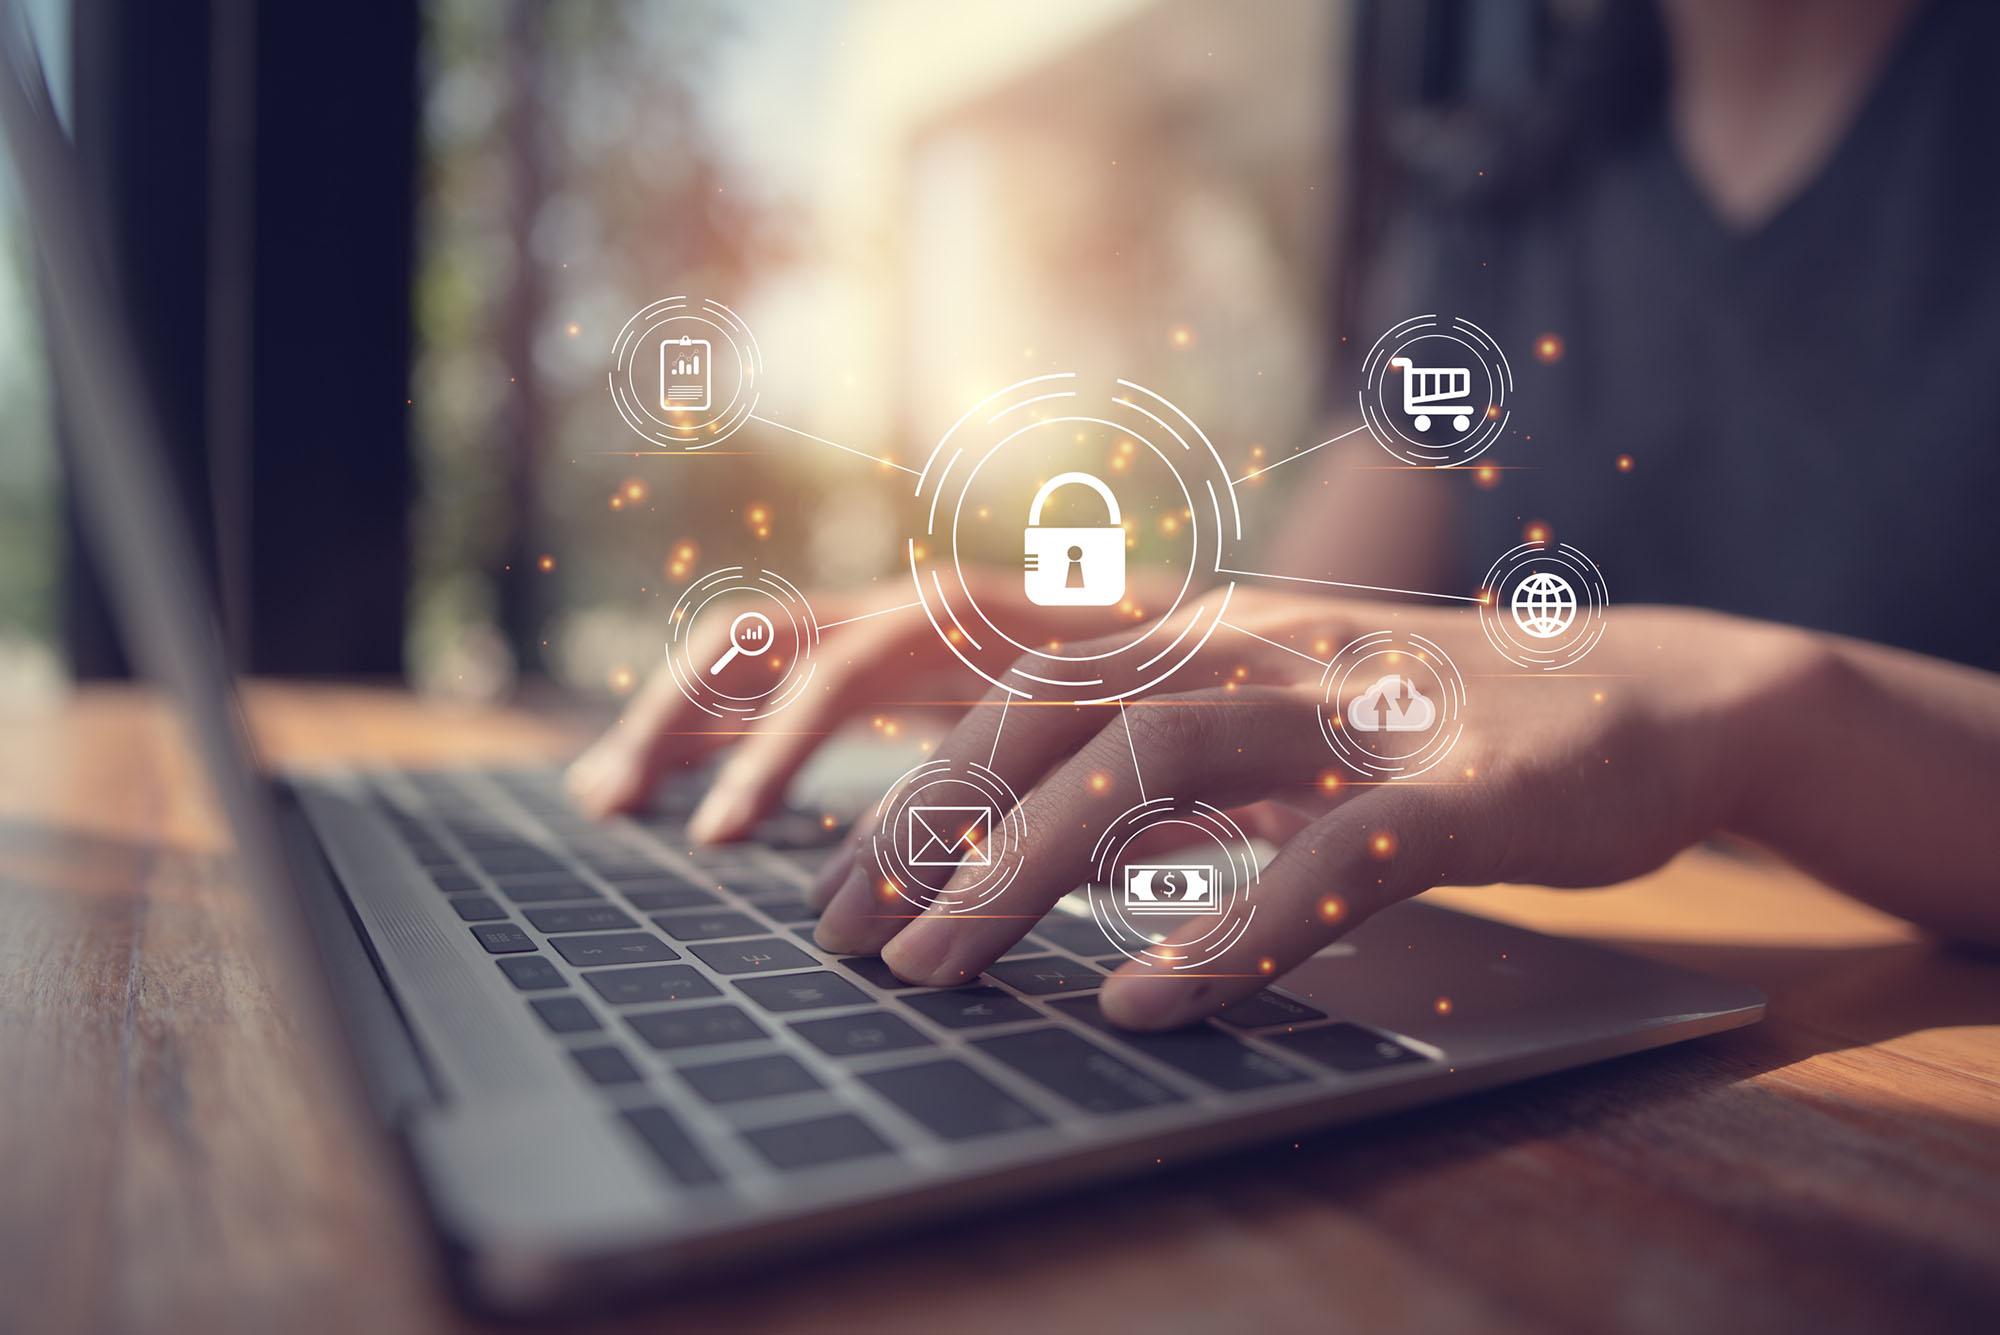 Datasäkerhet och ISO 27001 - varför är det viktigt?